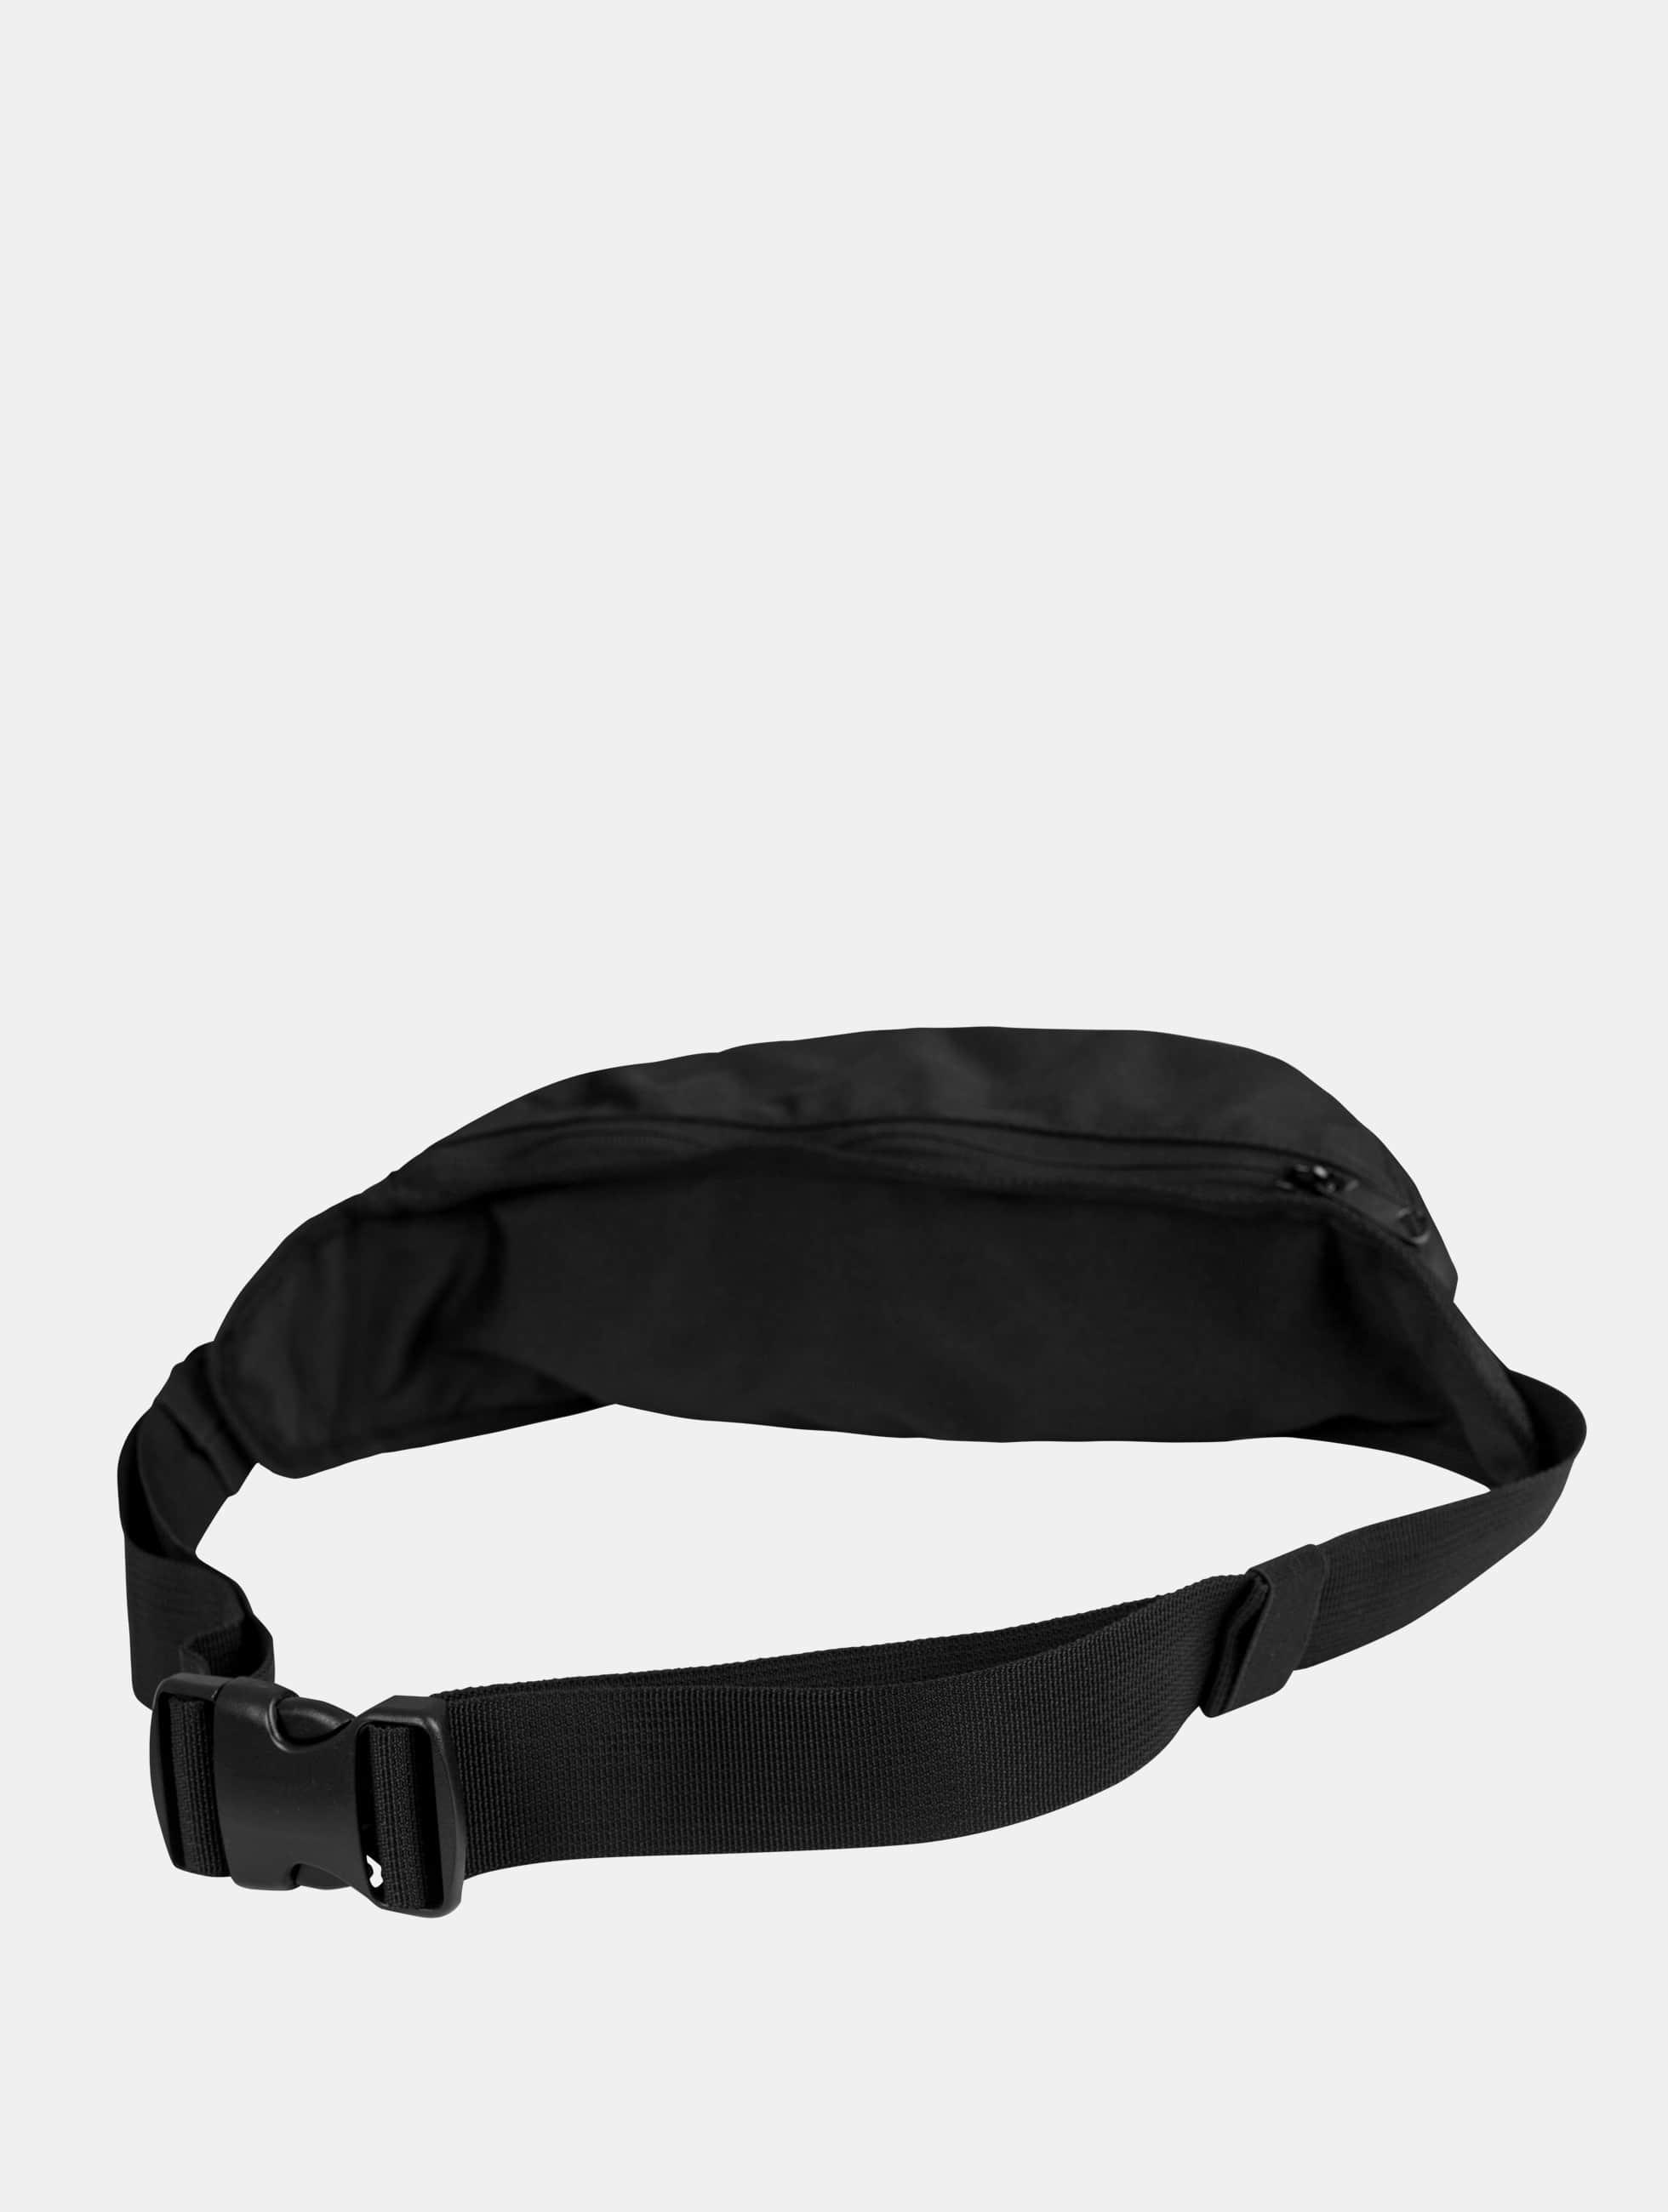 Urban Classics Bag Shoulder Bag black